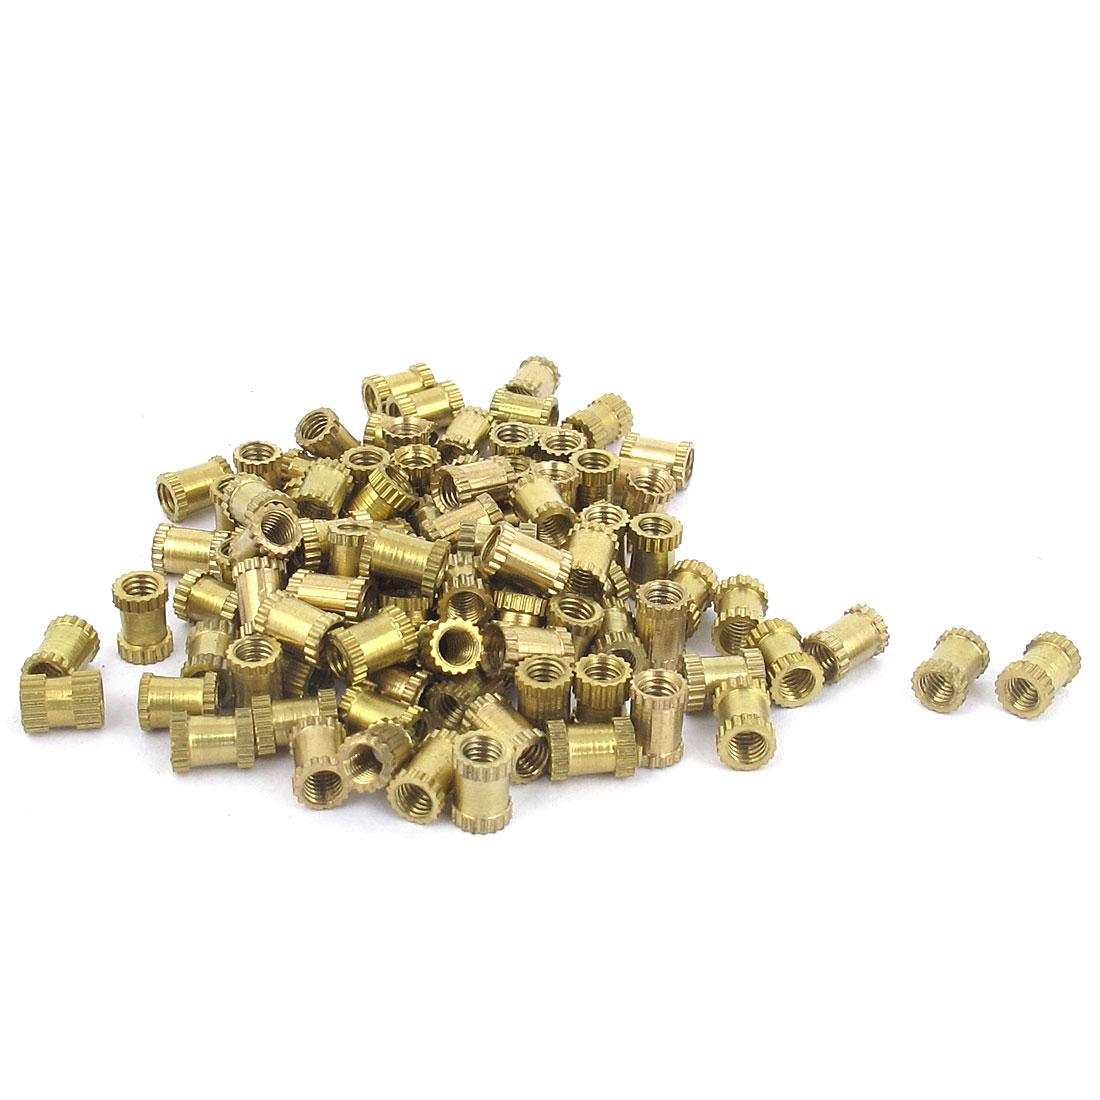 M3x6mm Threaded Round Metal Knurl Thread Insert Nuts Brass Tone 100Pcs